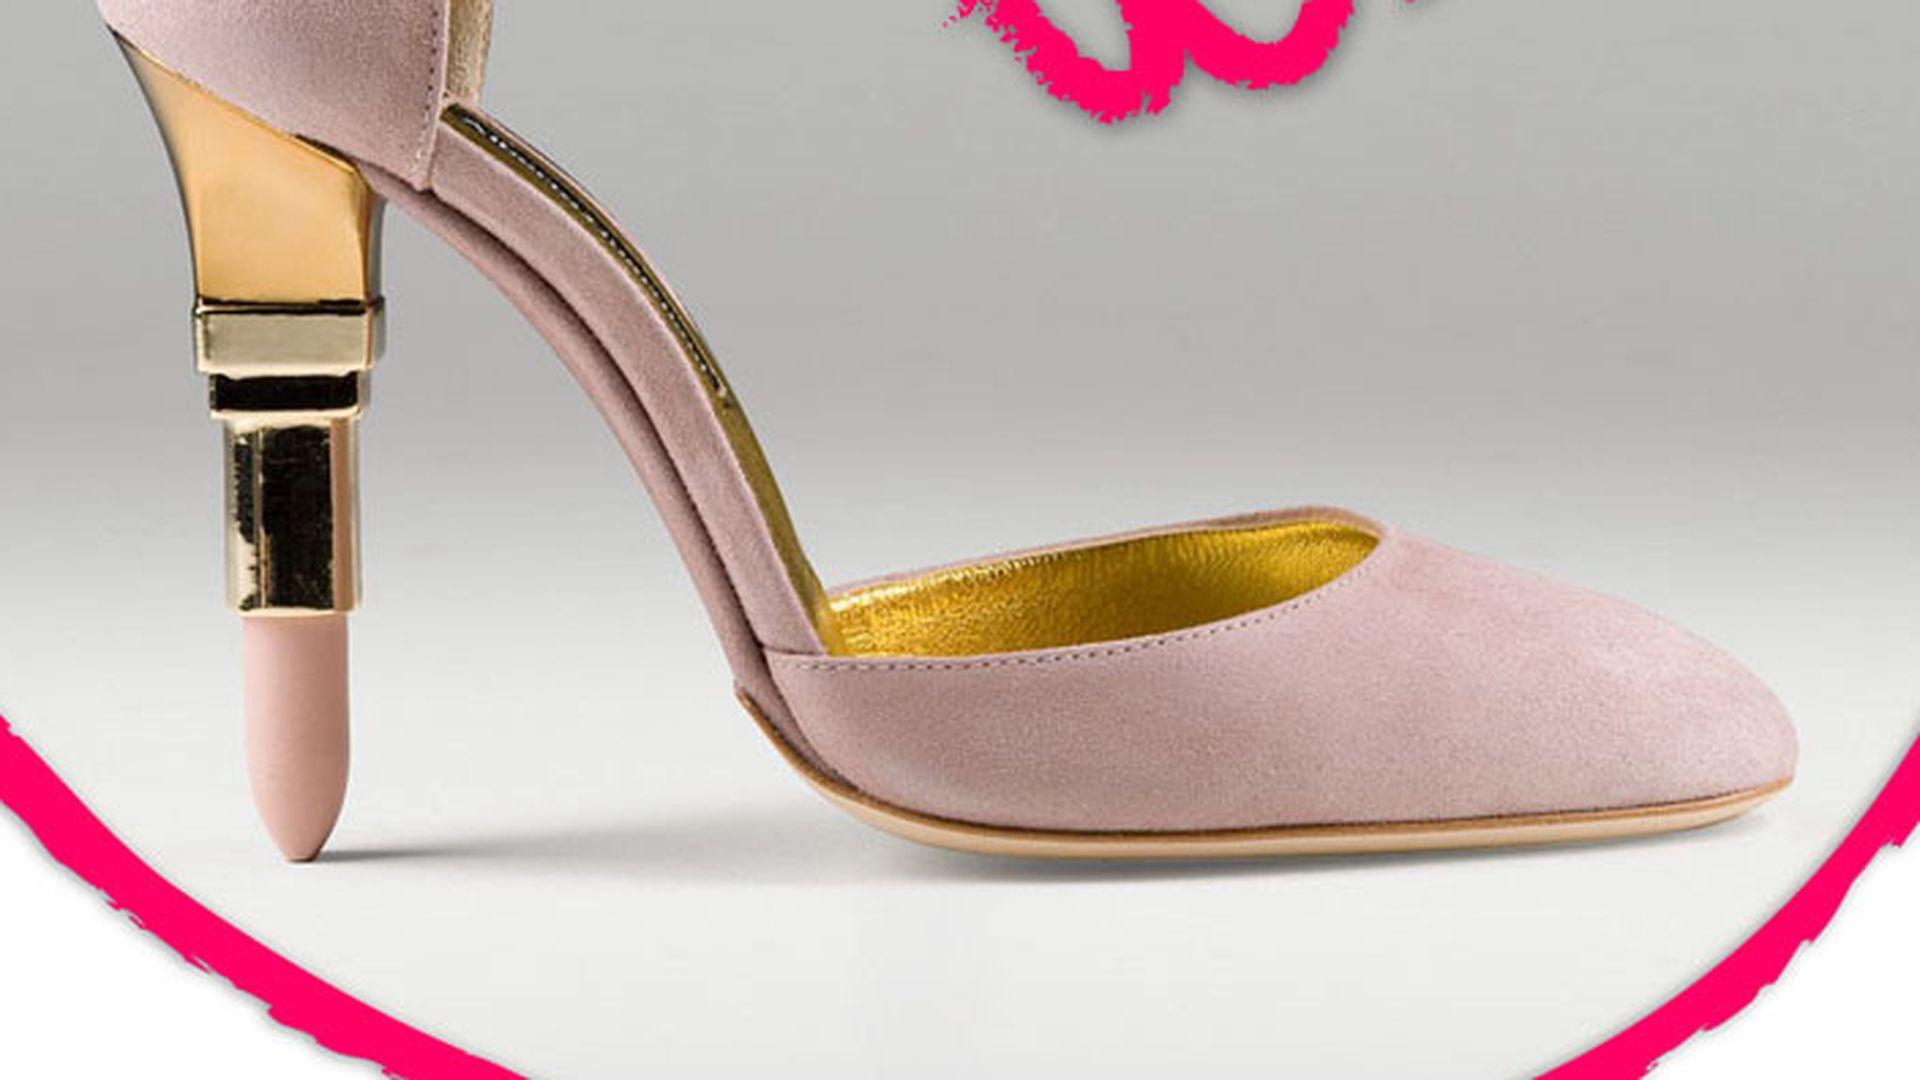 Schuhe mit lippenstift absatz